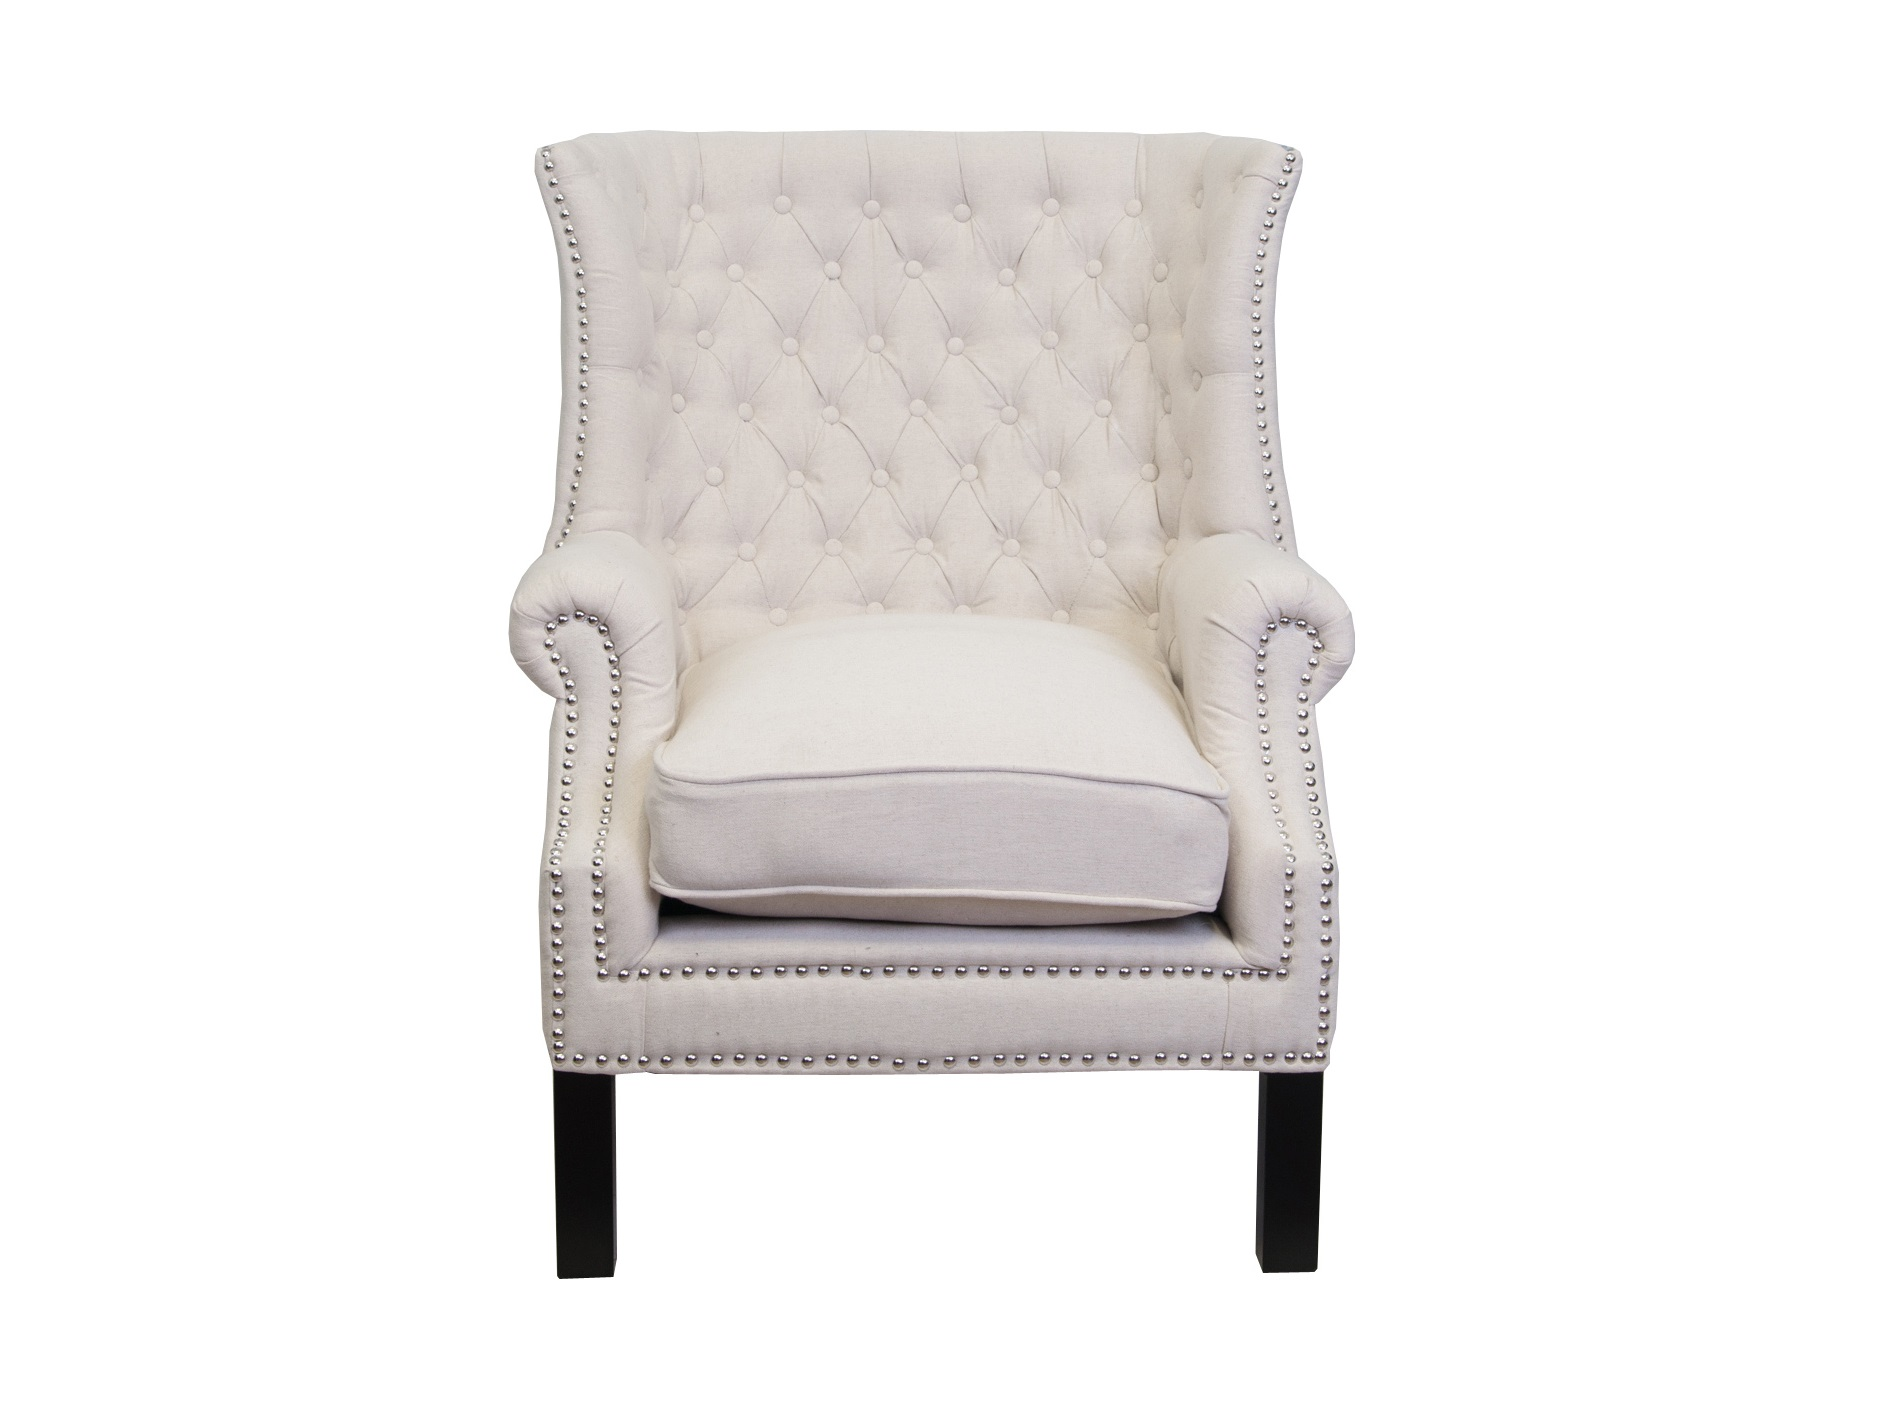 Кресло TeasКресла с высокой спинкой<br>Кресло Teas имеет красивый, классический дизайн. У него широкое сиденье, удобная спинка, скругленные подлокотники, обтянутые натуральной льняной тканью. &amp;amp;nbsp;Кресло станет интересной и функциональной вещью, способной придать вашему интерьеру индивидуальный характер.<br><br>Material: Лен<br>Width см: 76<br>Depth см: 80<br>Height см: 105